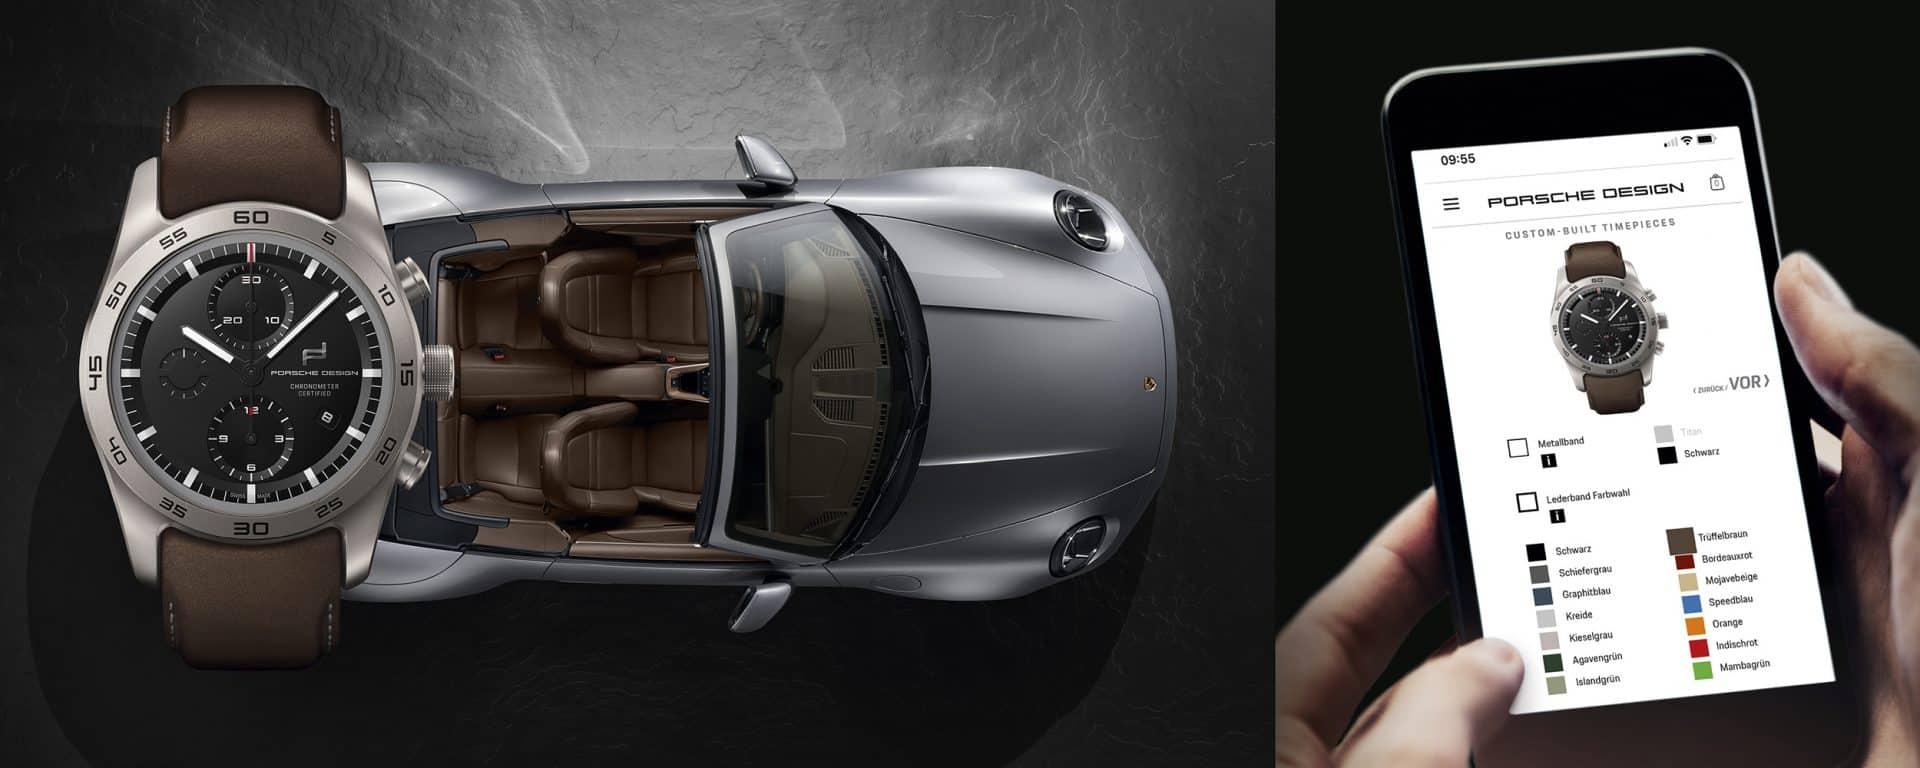 Der Porsche Design Chronograph wird wie ein Auto konfiguriert